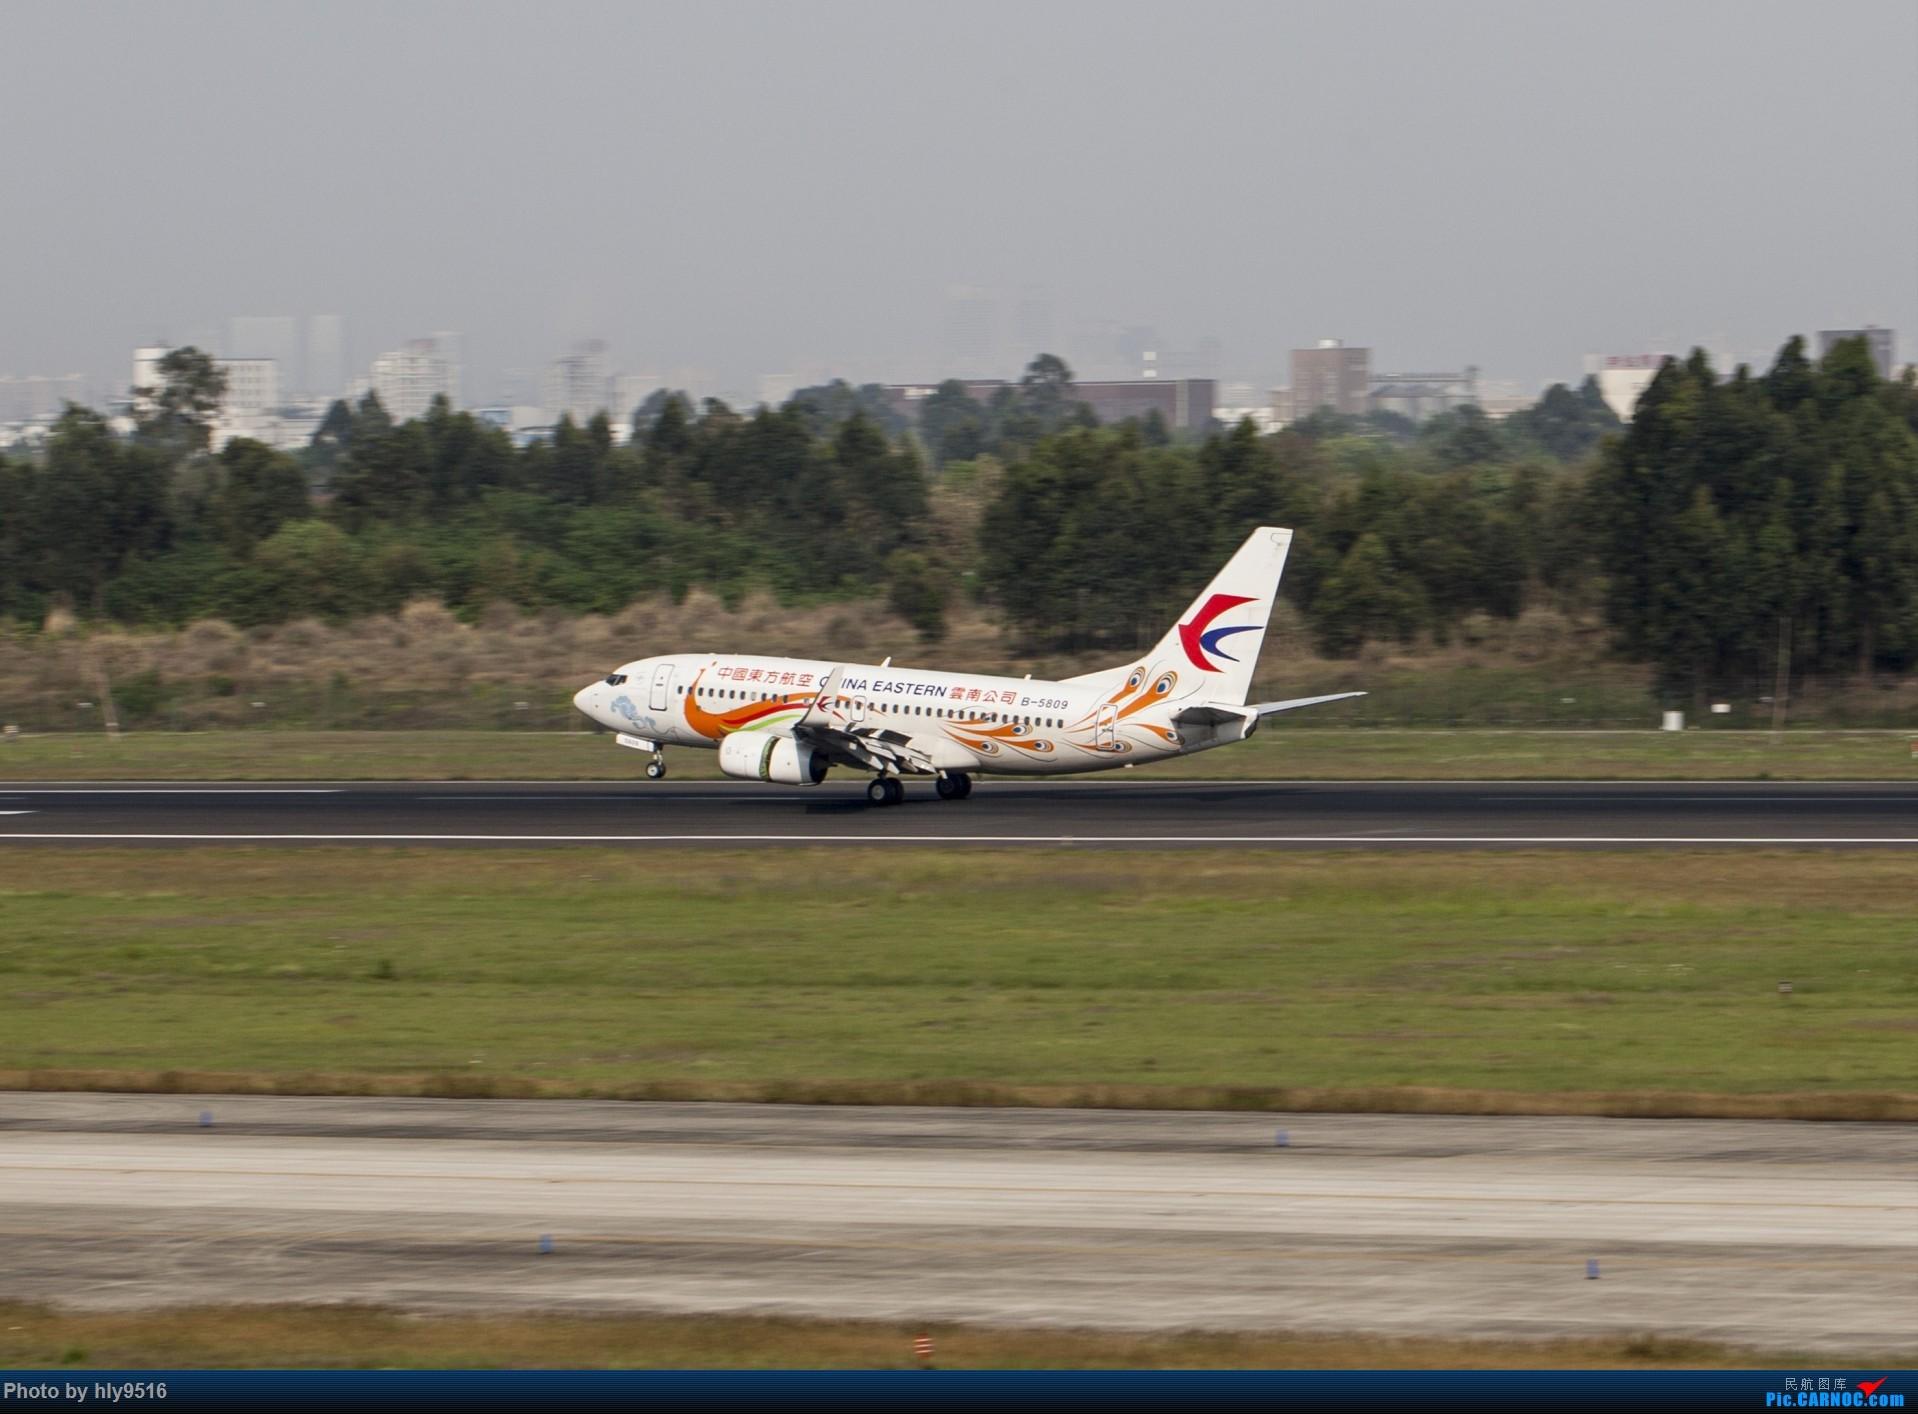 Re:[原创]【CTU】终于解决了大怨念南航A380 偶遇长荣新涂装 两次复飞 小怨念若干 BOEING 737-700 B-5809 中国成都双流国际机场